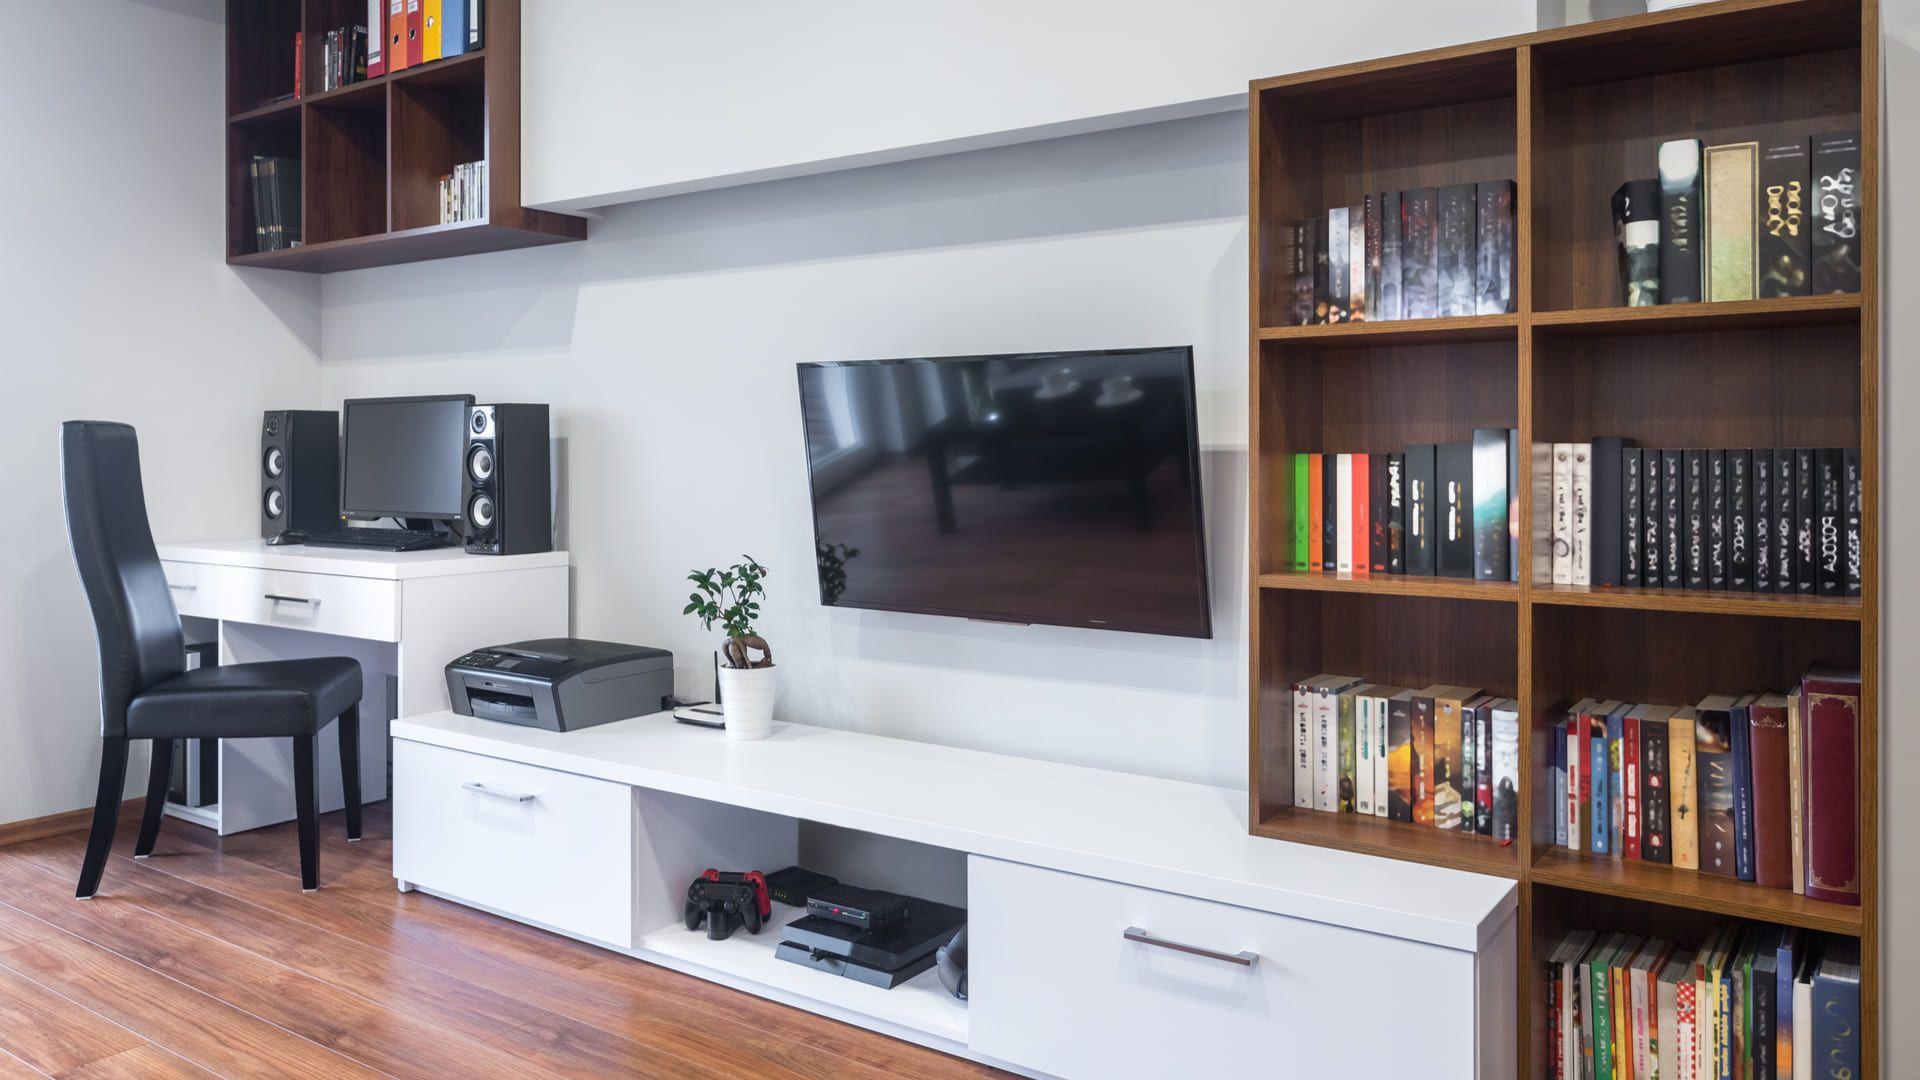 Confira os diferentes modelos e escolha o seu painel de TV! (Imagem: Reprodução/Shutterstock)